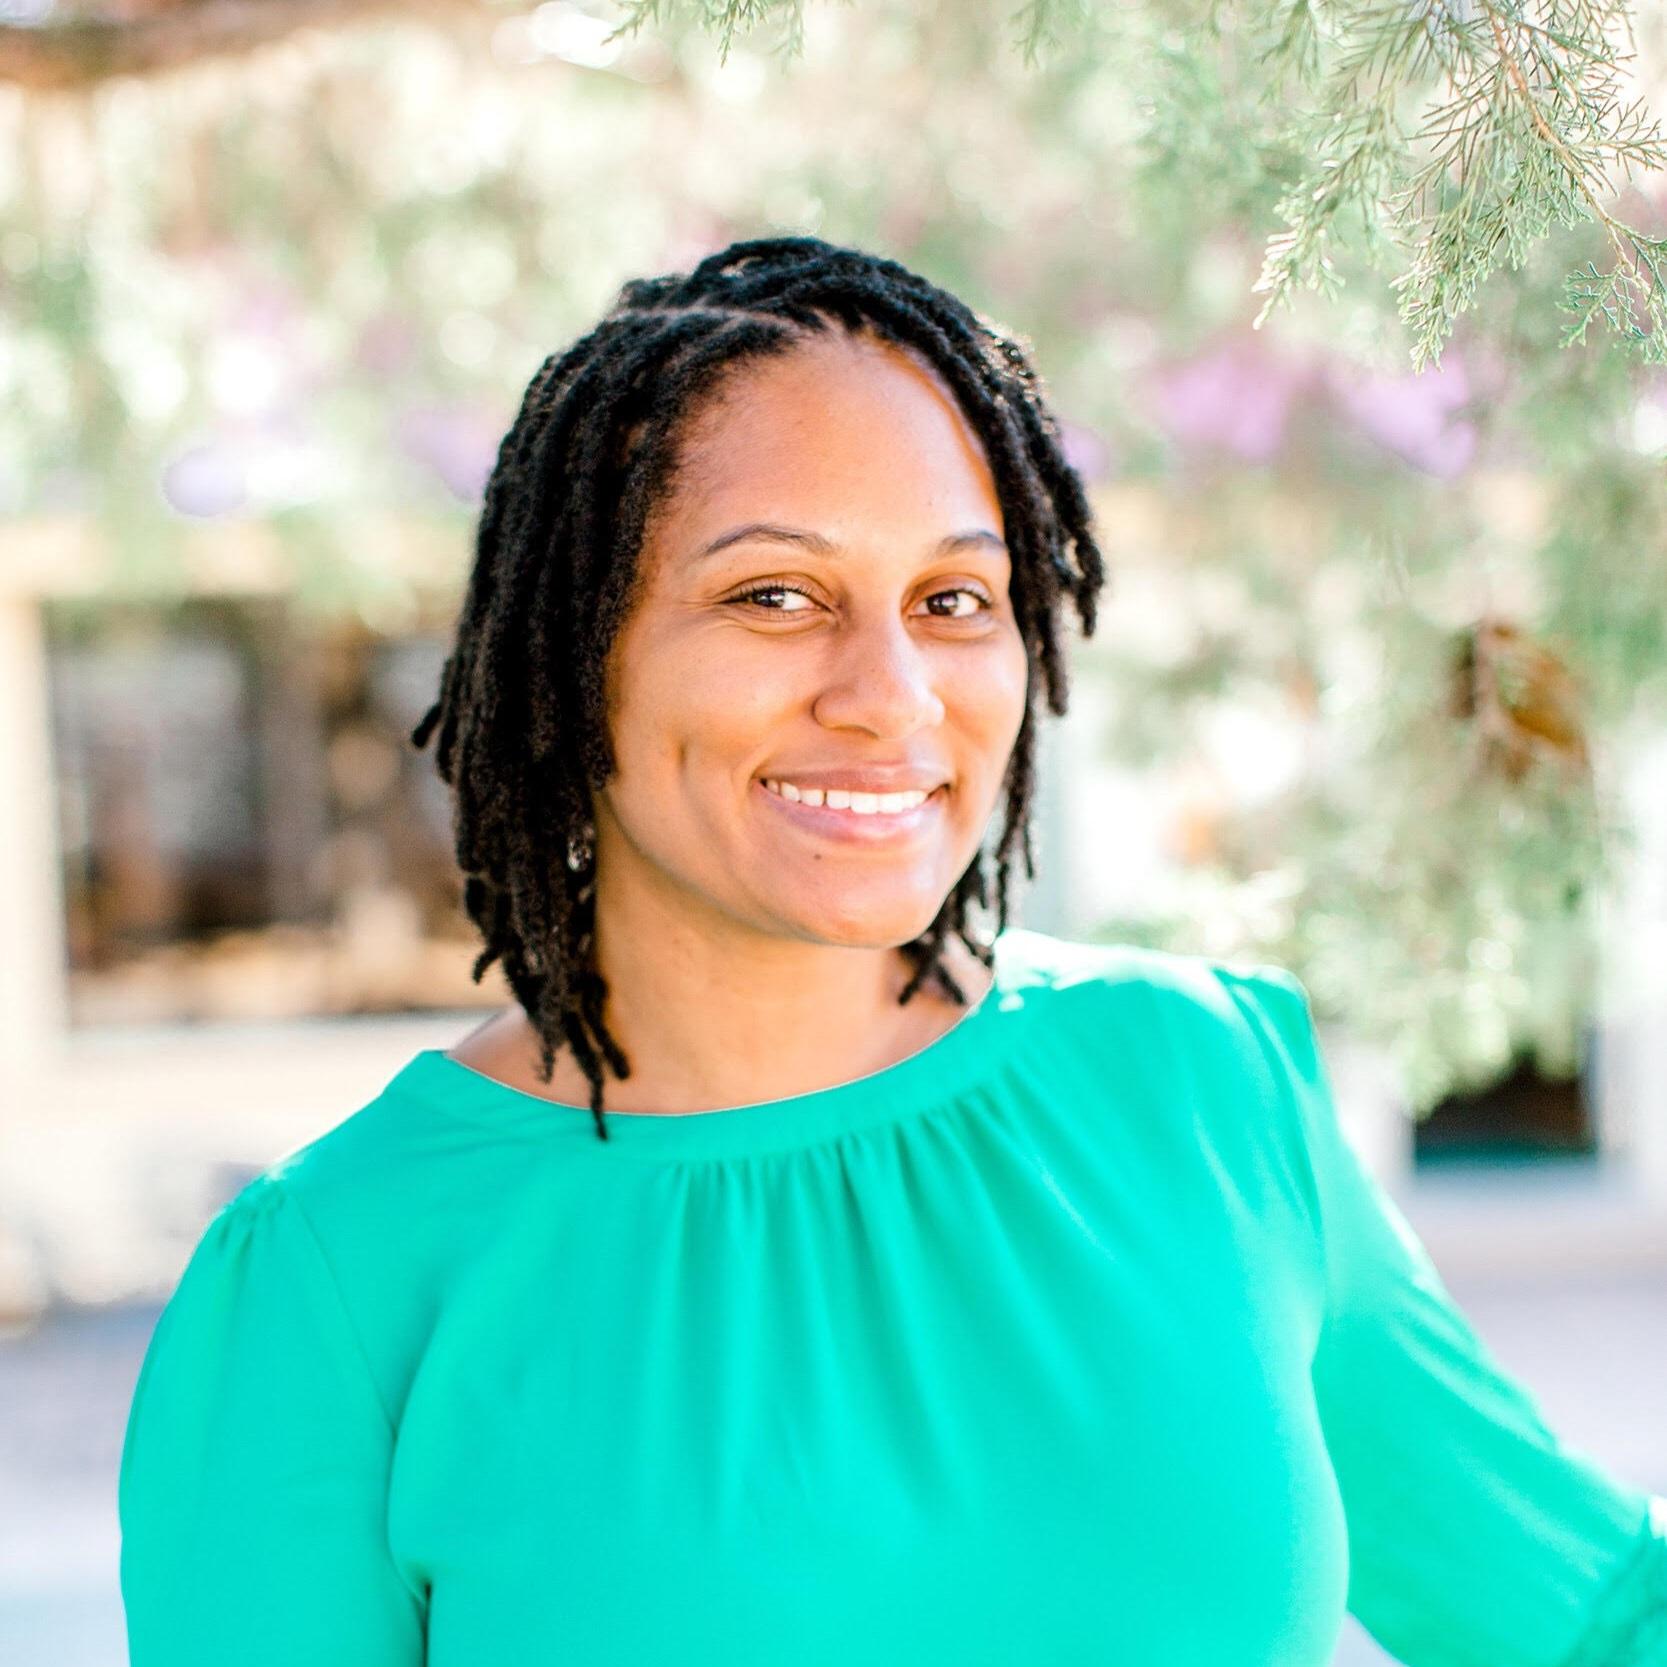 Dr. Tamara Wilkerson Dias - Contributor